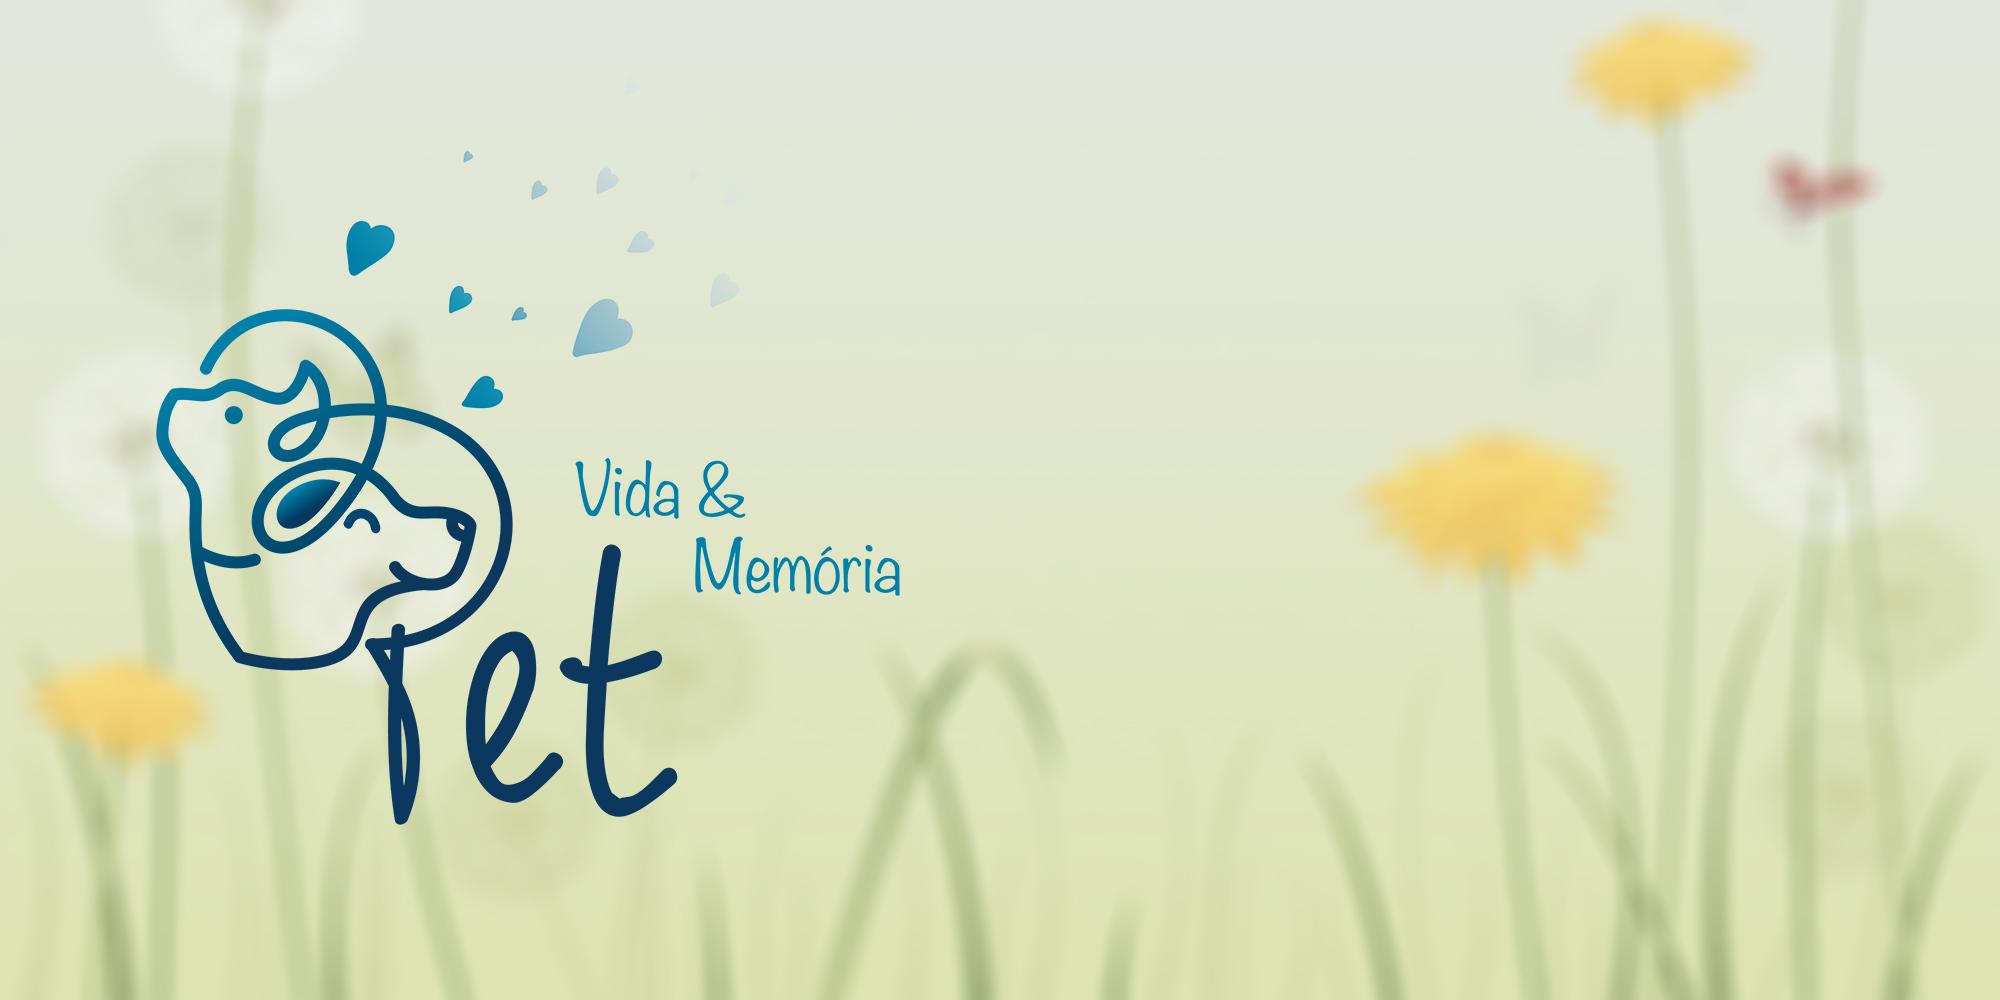 SLIDE-VMPET-SITE5